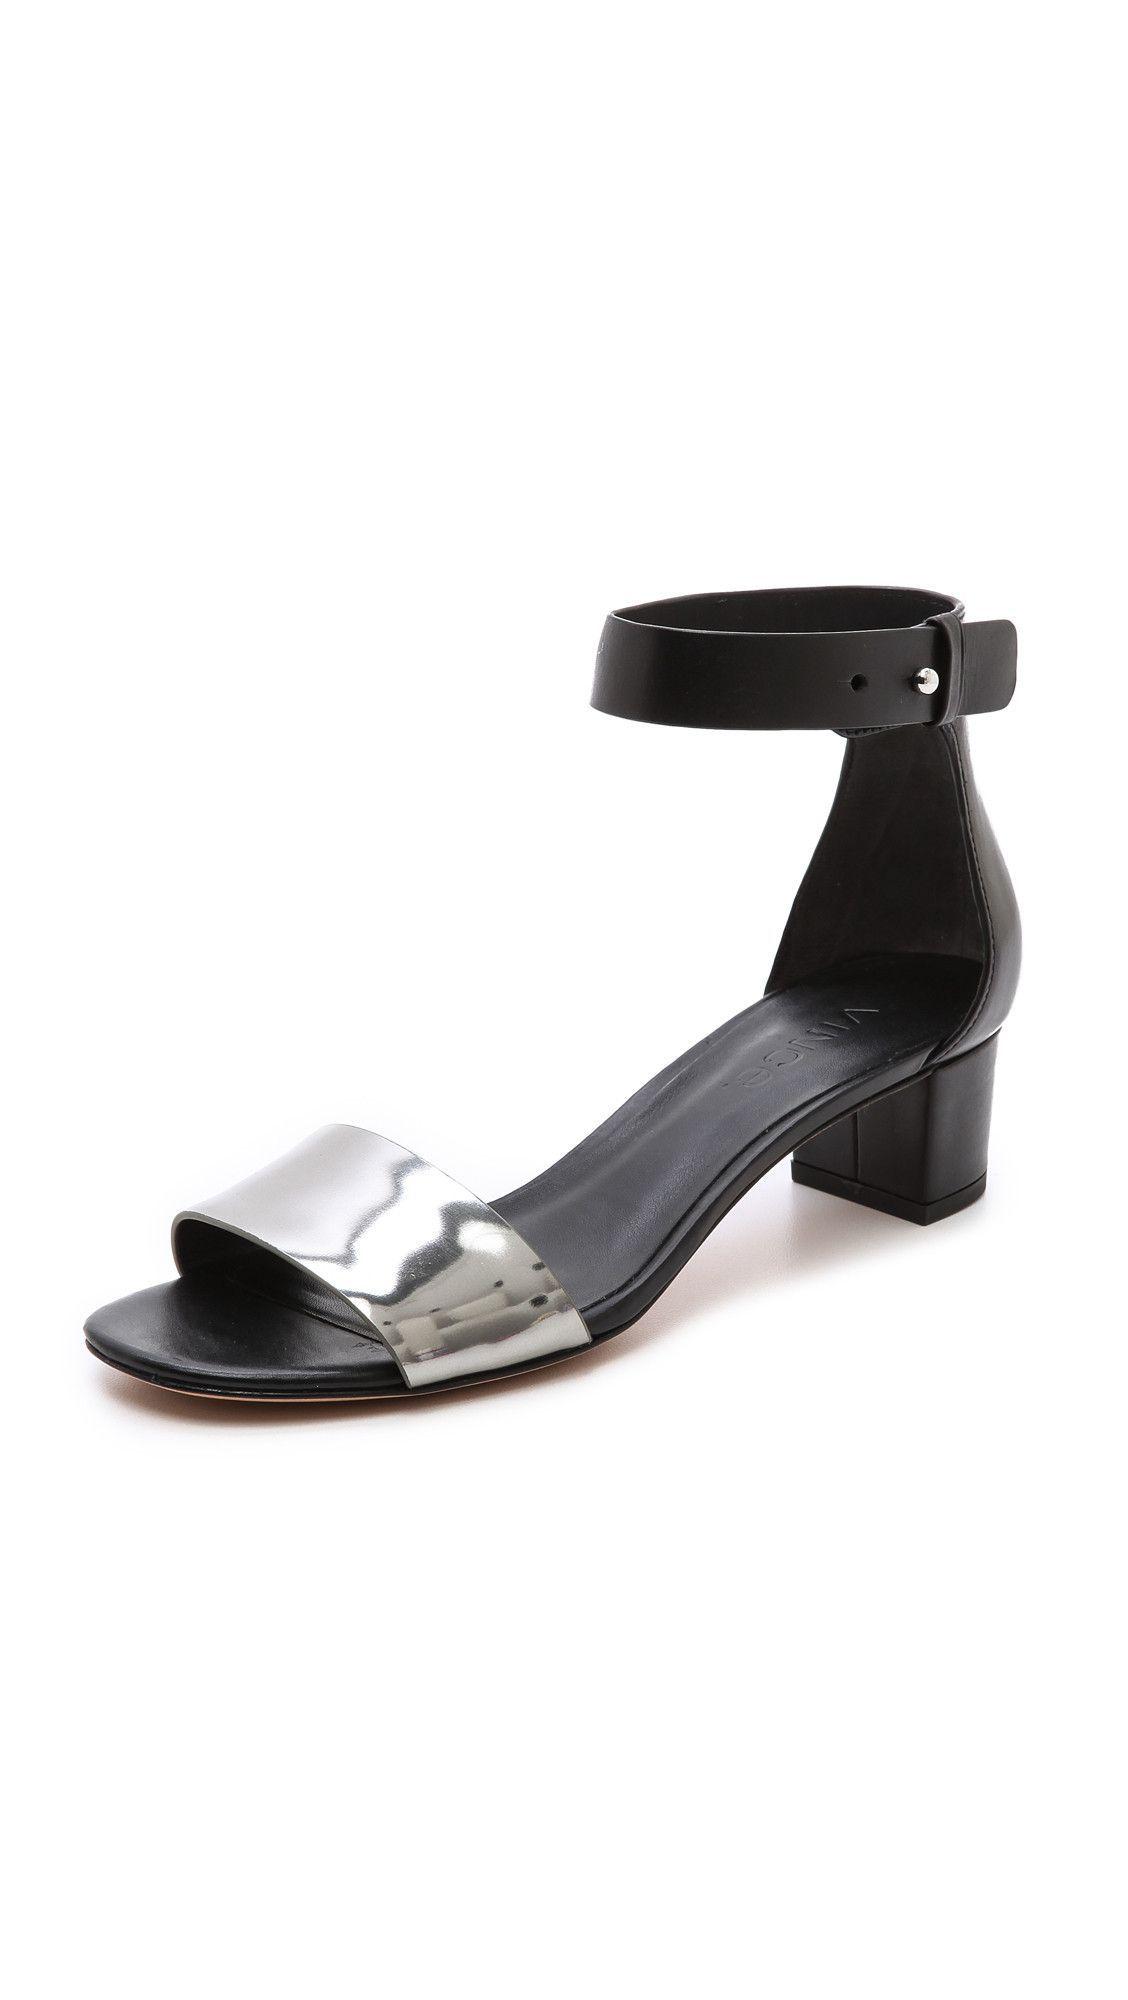 9dcca1e8d9a Vince remy low block heel sandal